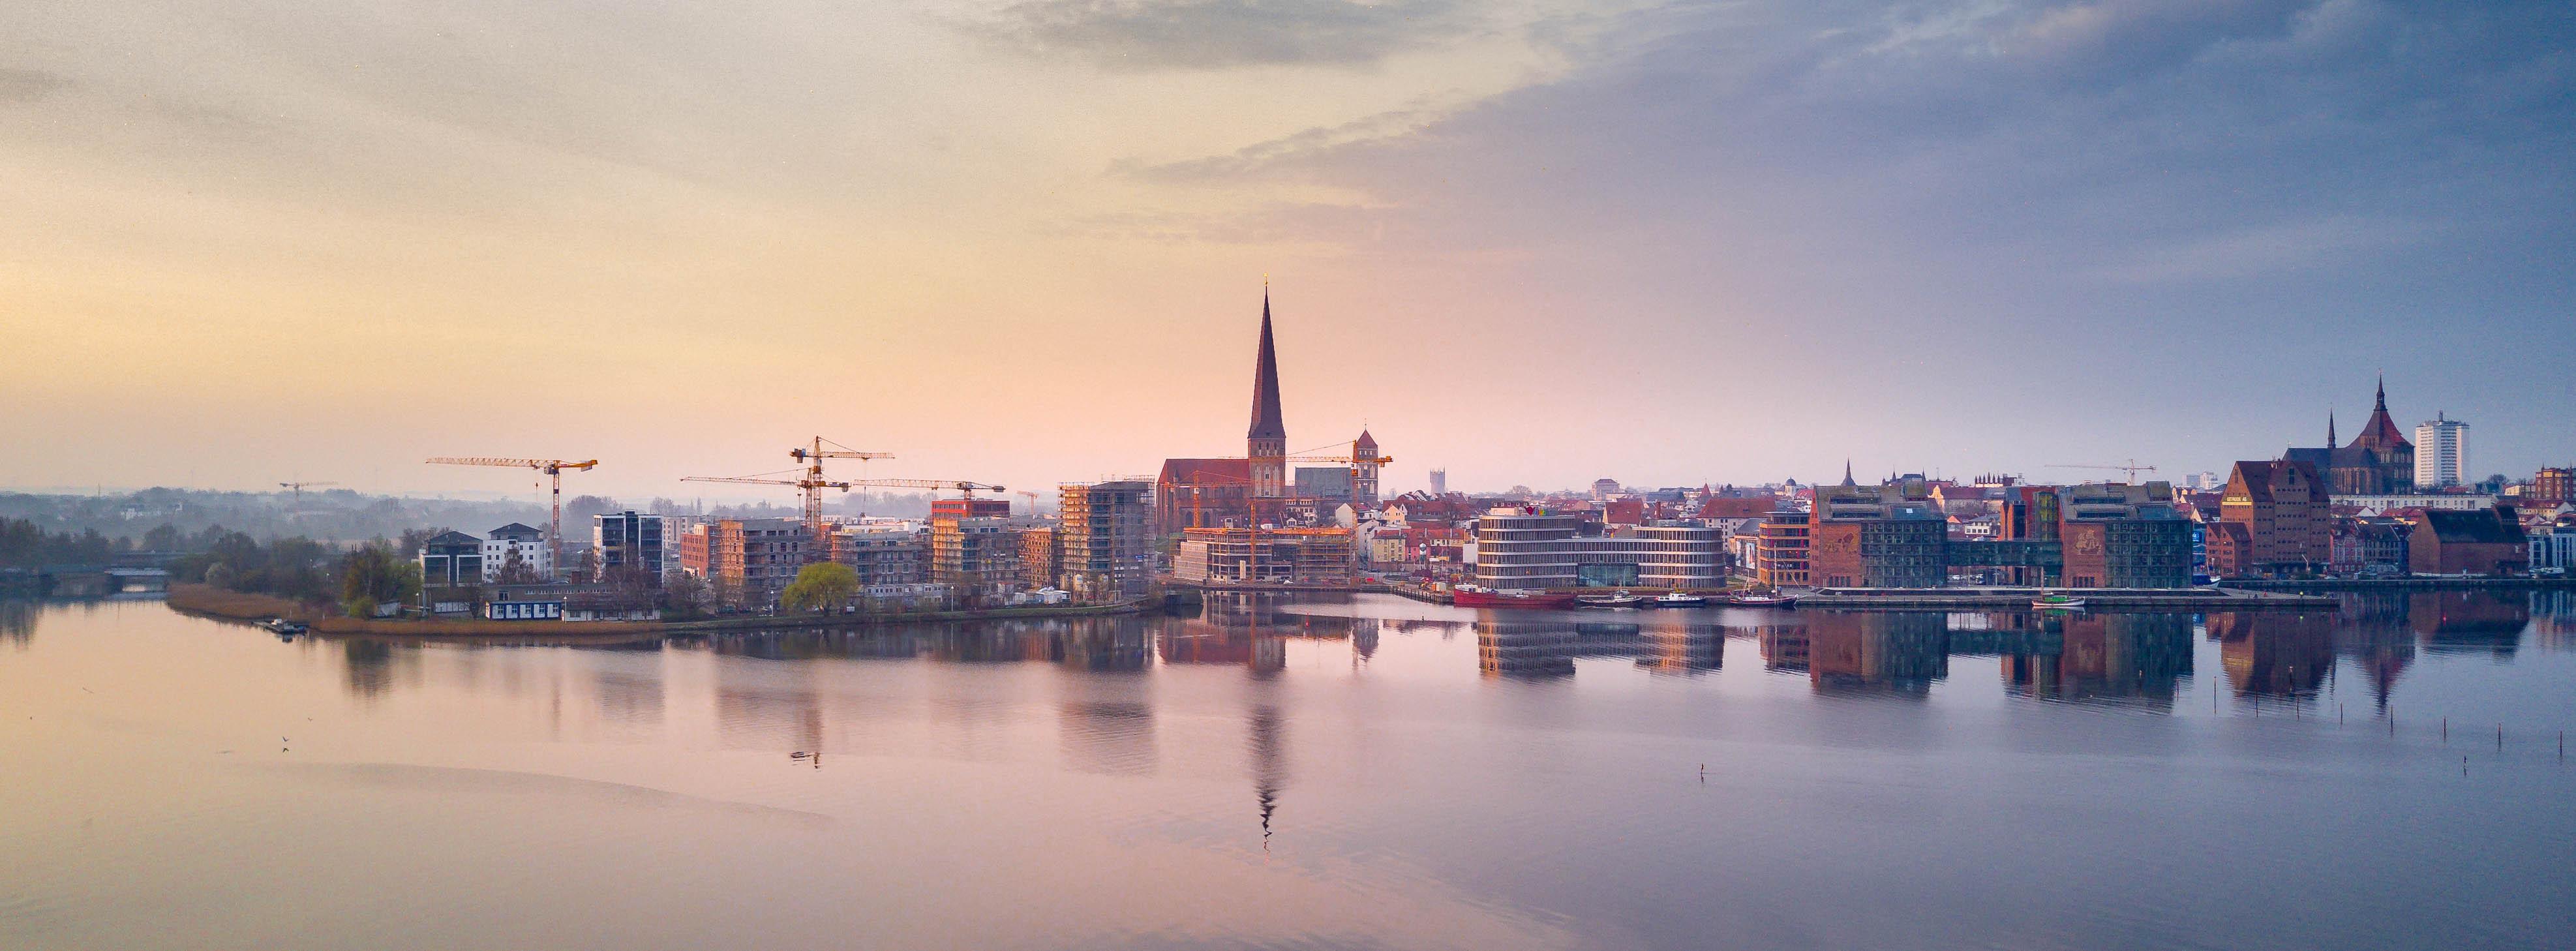 Wir lieben Rostock